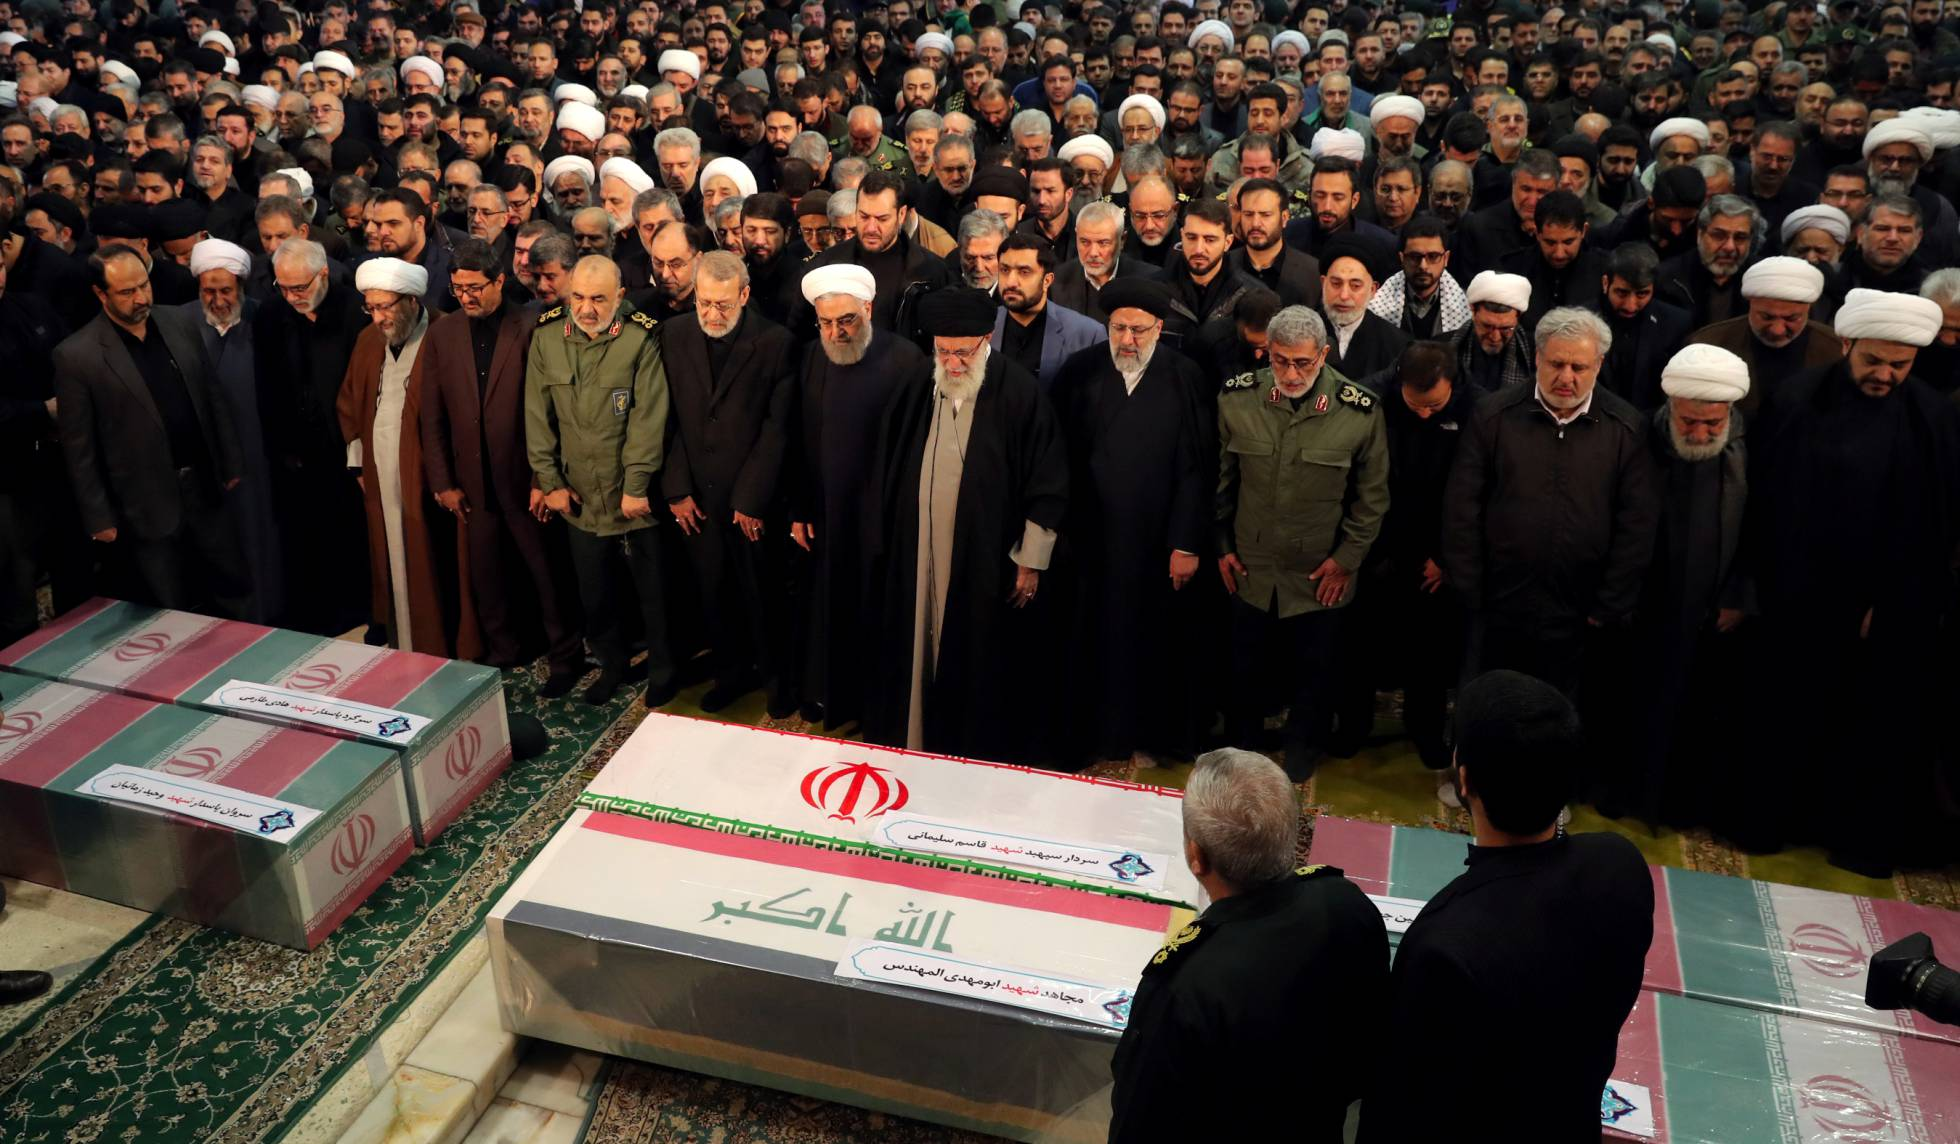 بالصور تشييع الجنرال قاسم سليماني في طهران